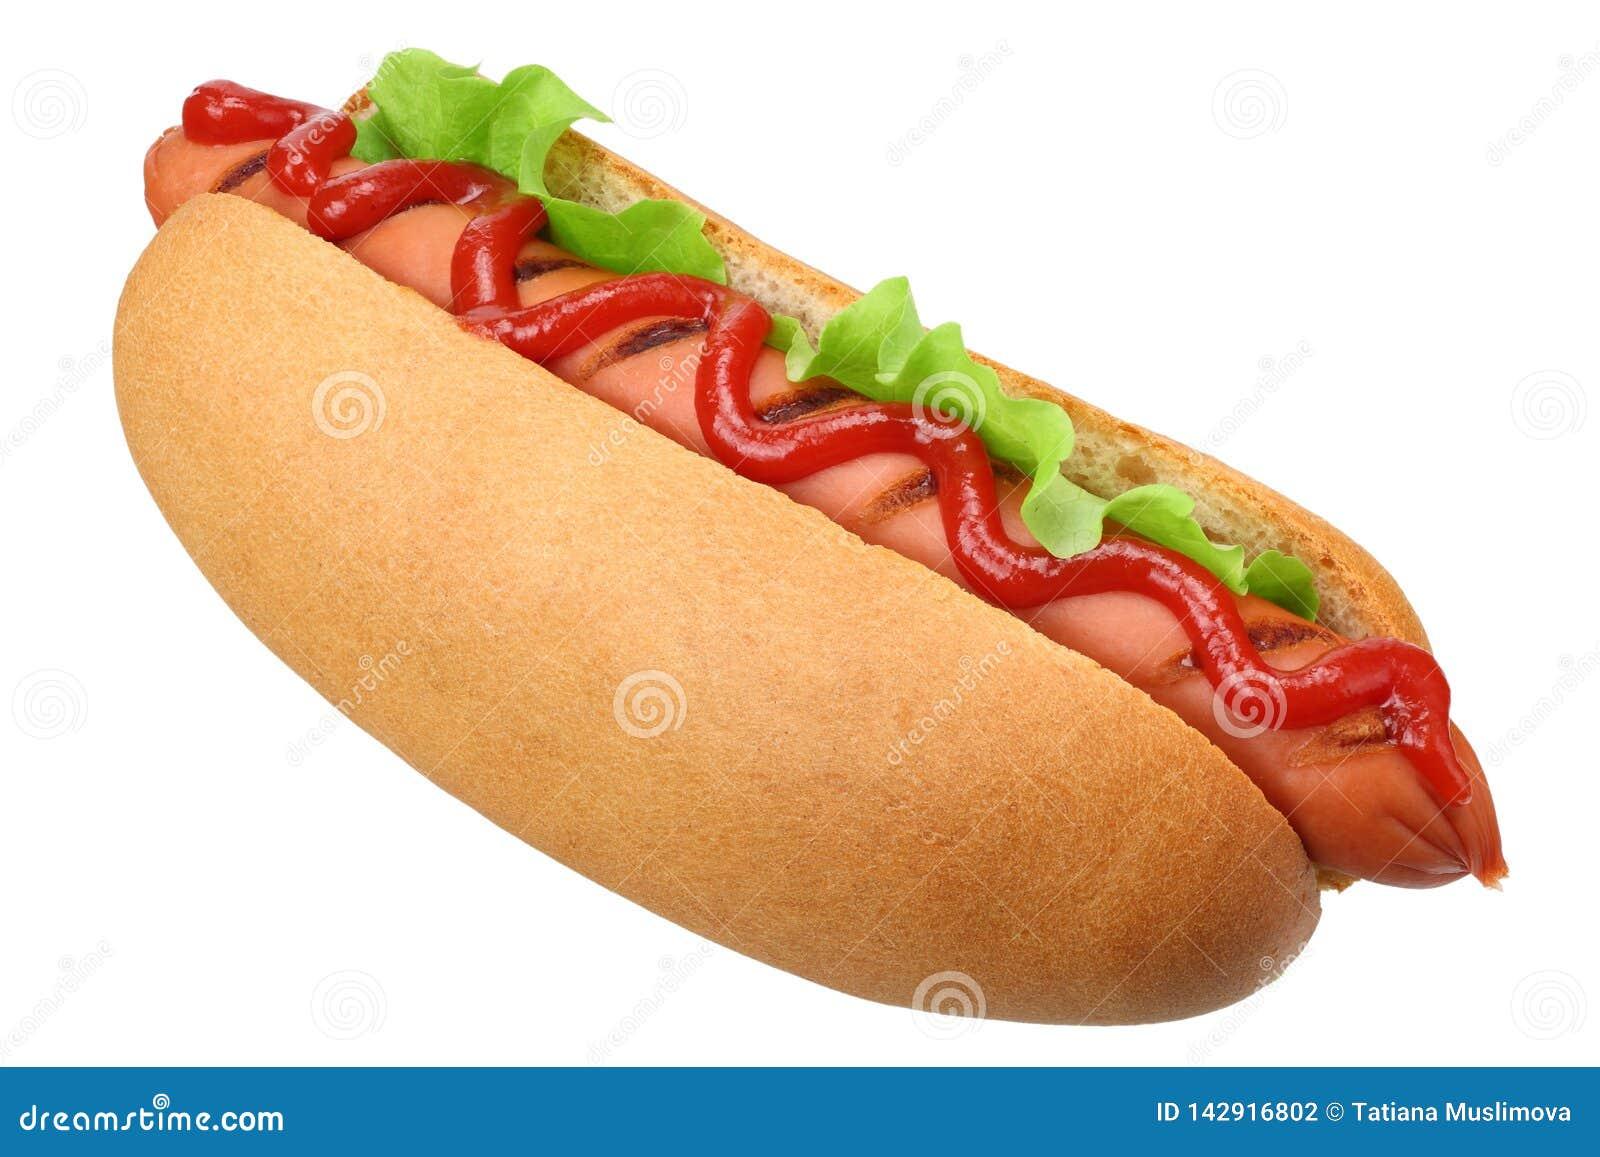 Grade do cachorro quente com a alface isolada no fundo branco Fast food